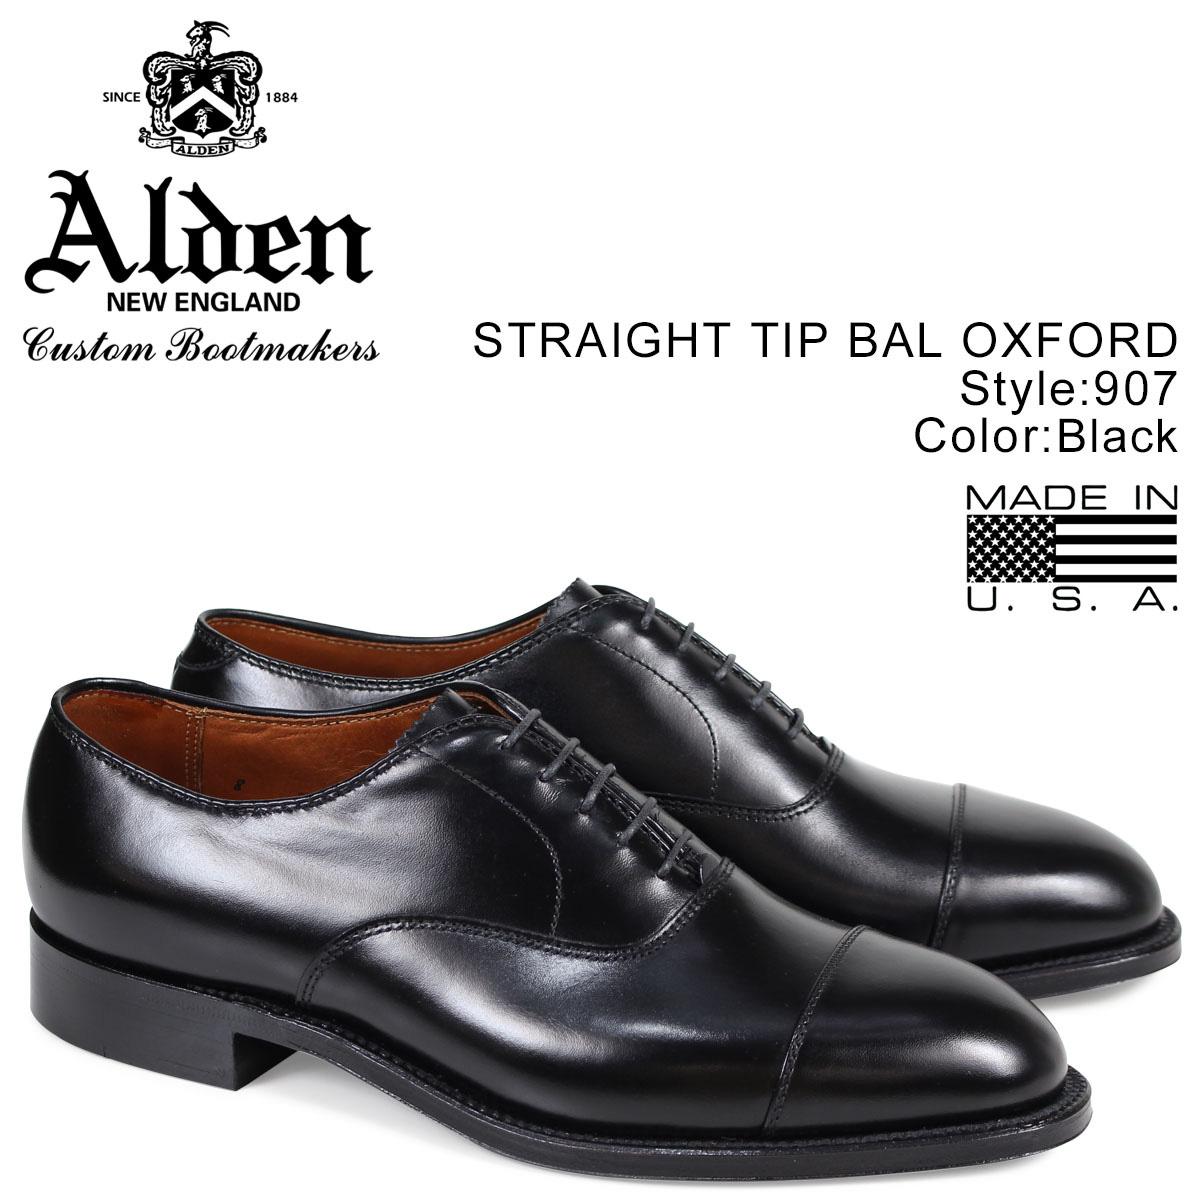 ALDEN オールデン ストレートチップ シューズ メンズ STRAIGHT CAP TOE BAL ブラック Dワイズ 907